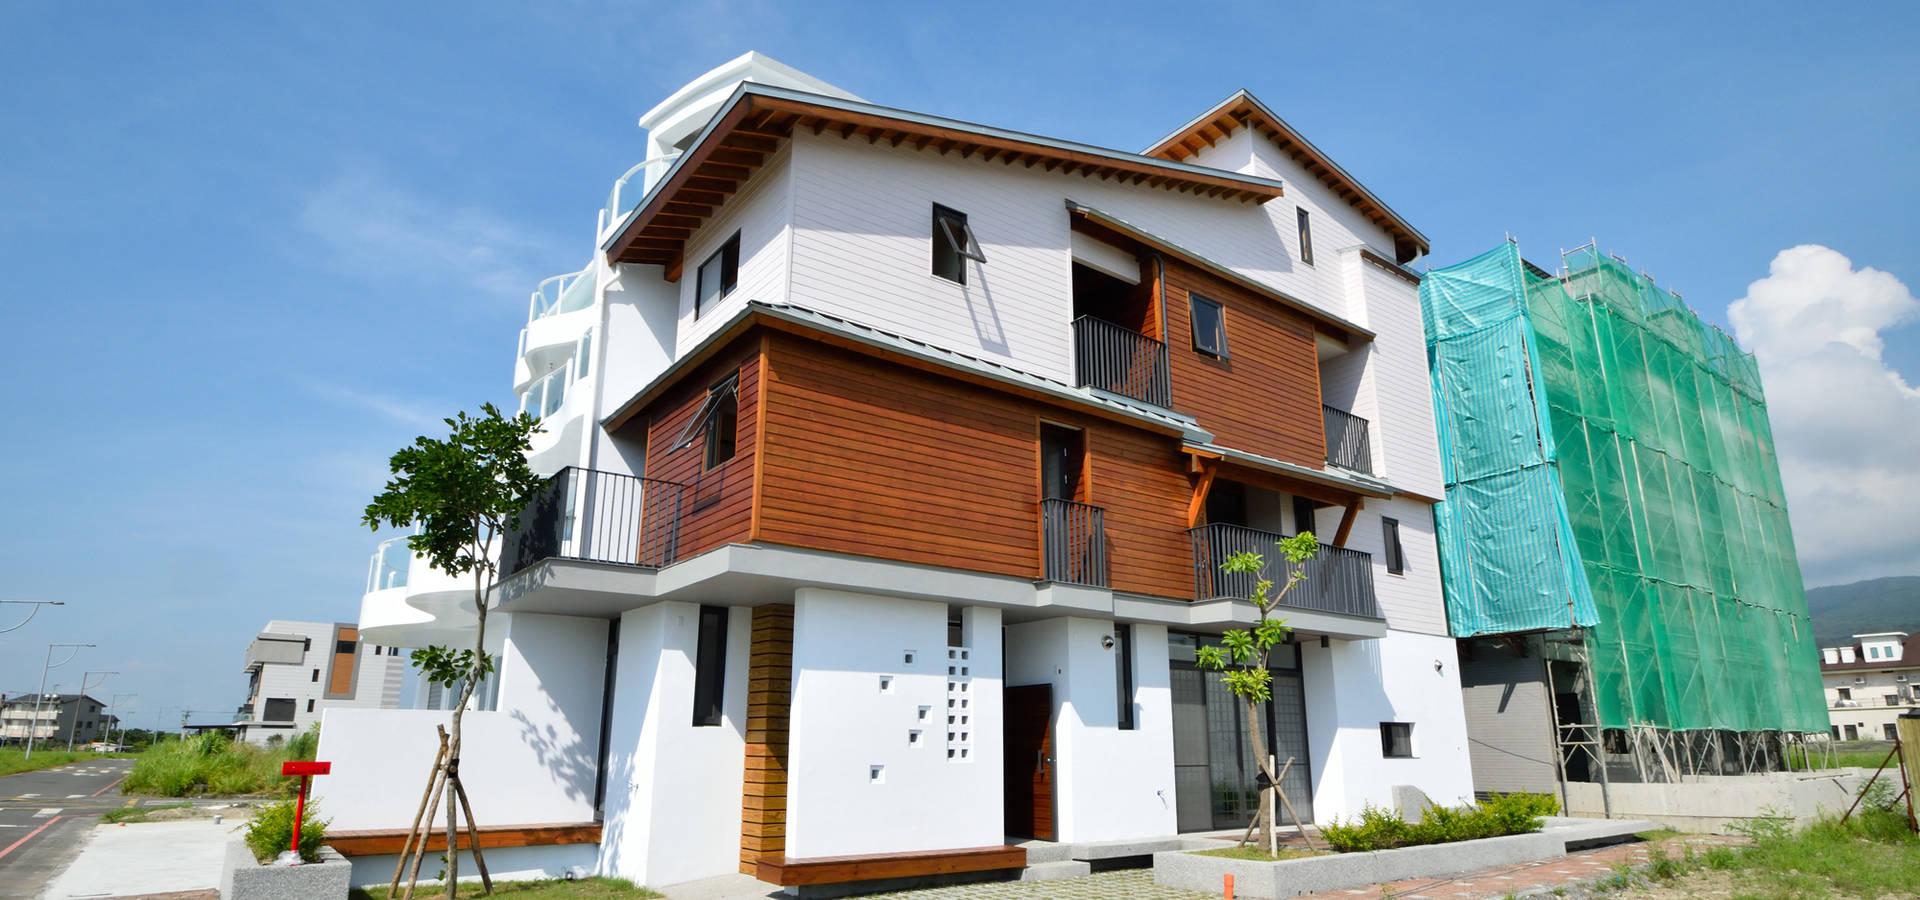 原典建築師事務所